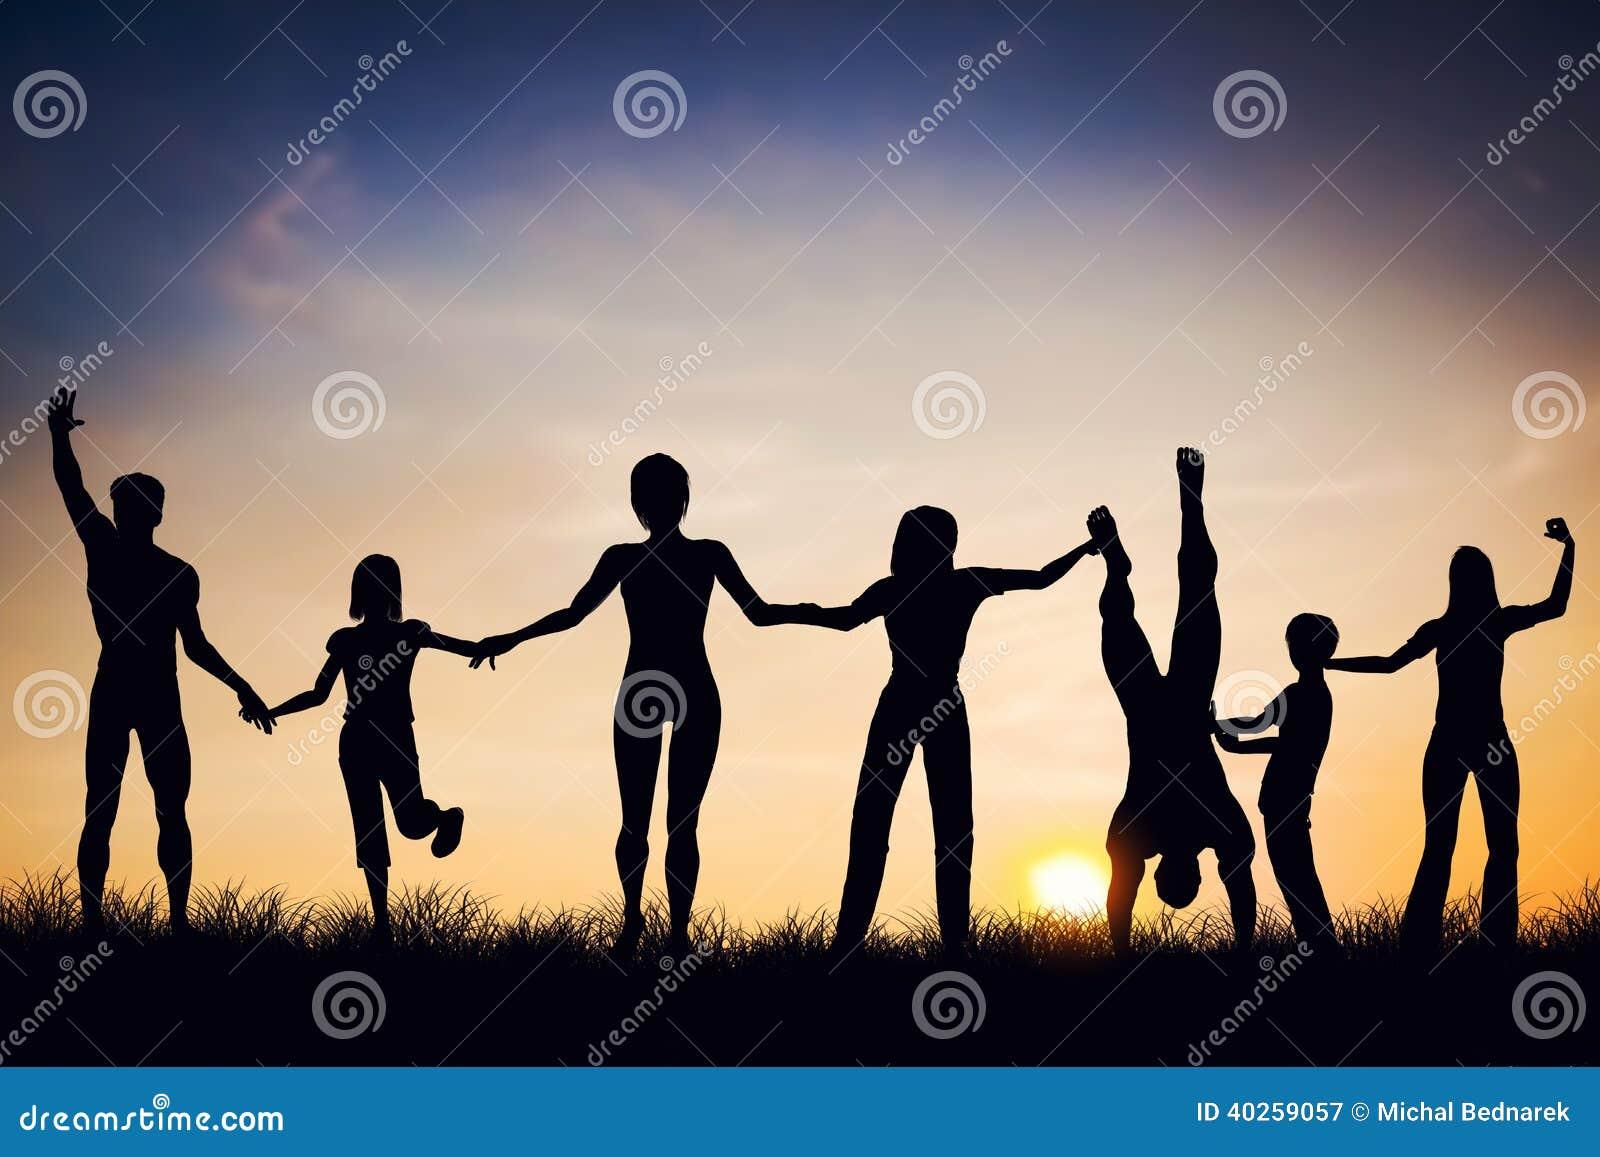 Ευτυχής ομάδα ανθρώπων, φίλοι, οικογένεια μαζί, έχοντας τη διασκέδαση